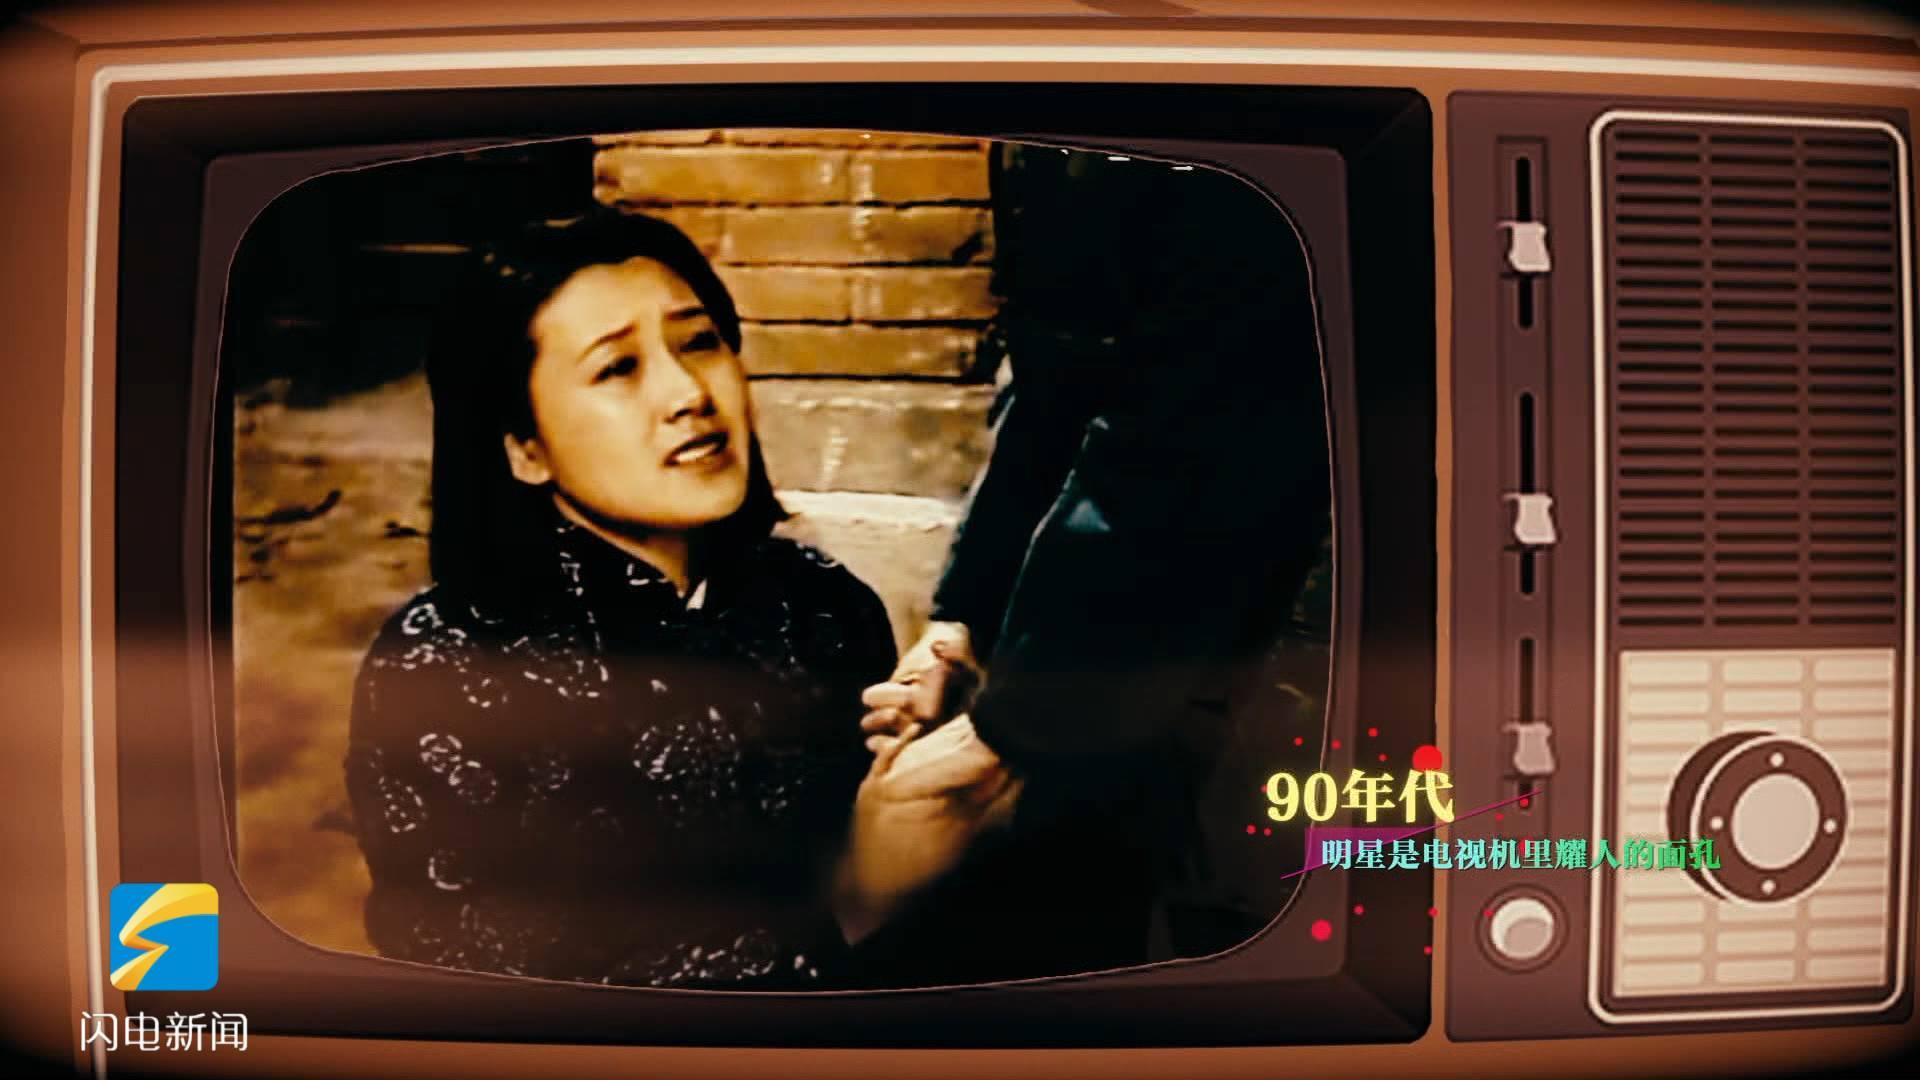 64秒丨从听收音机了解明星到人人都是明星 娱乐越来越多彩!